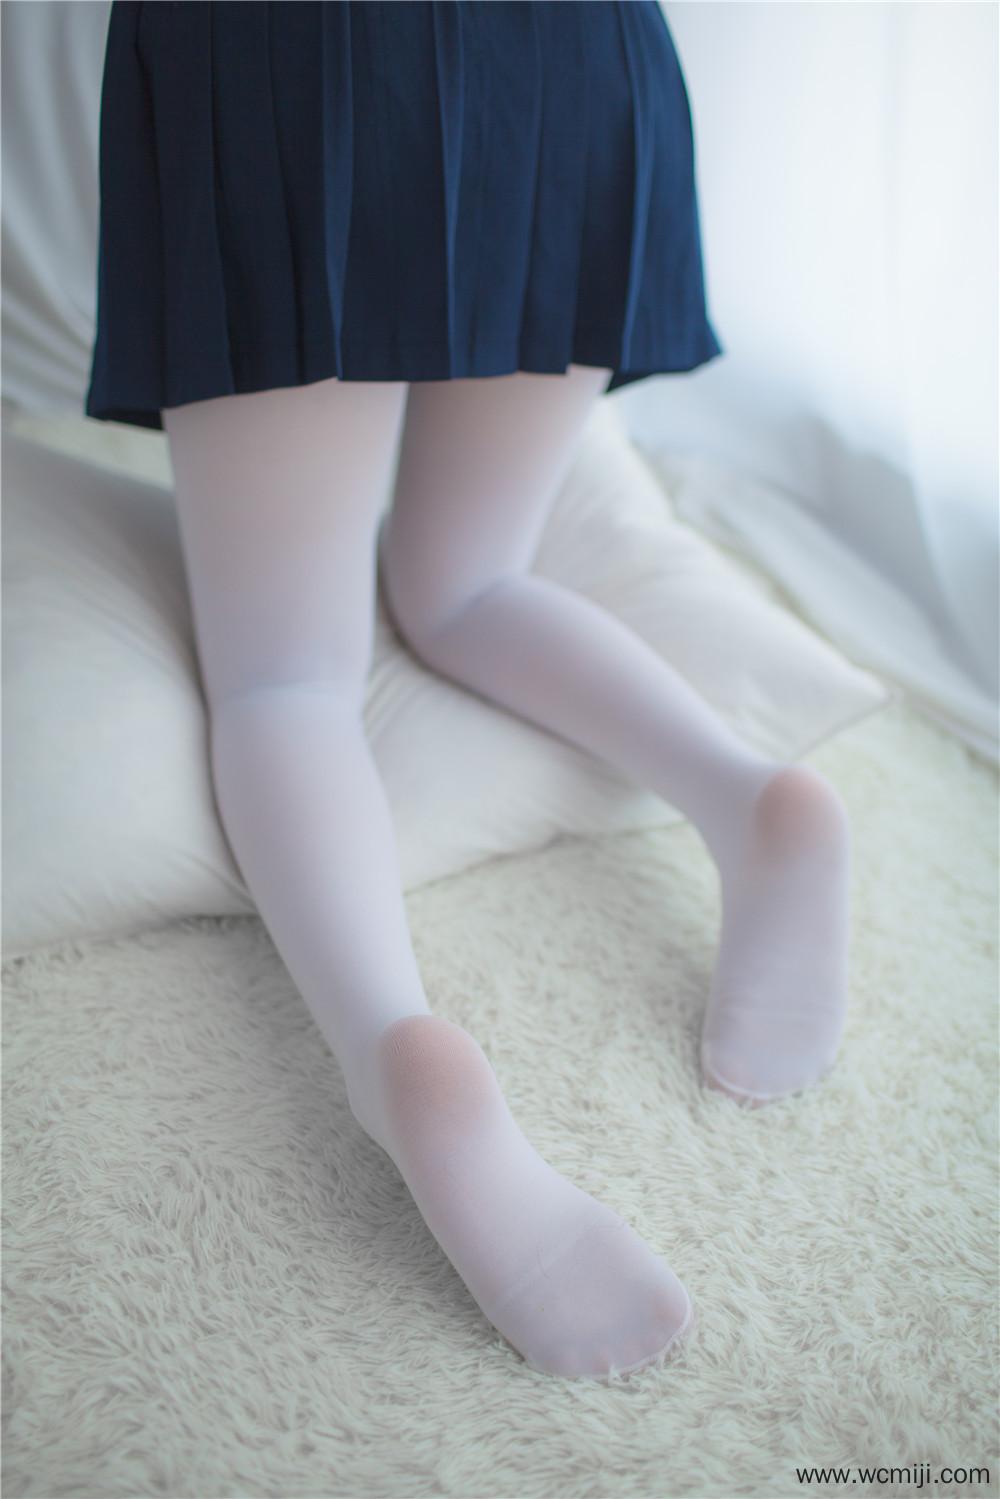 【私拍】【少女】甜美妹纸JK制服不能坐在课桌上图片【30P】 X丝玉足